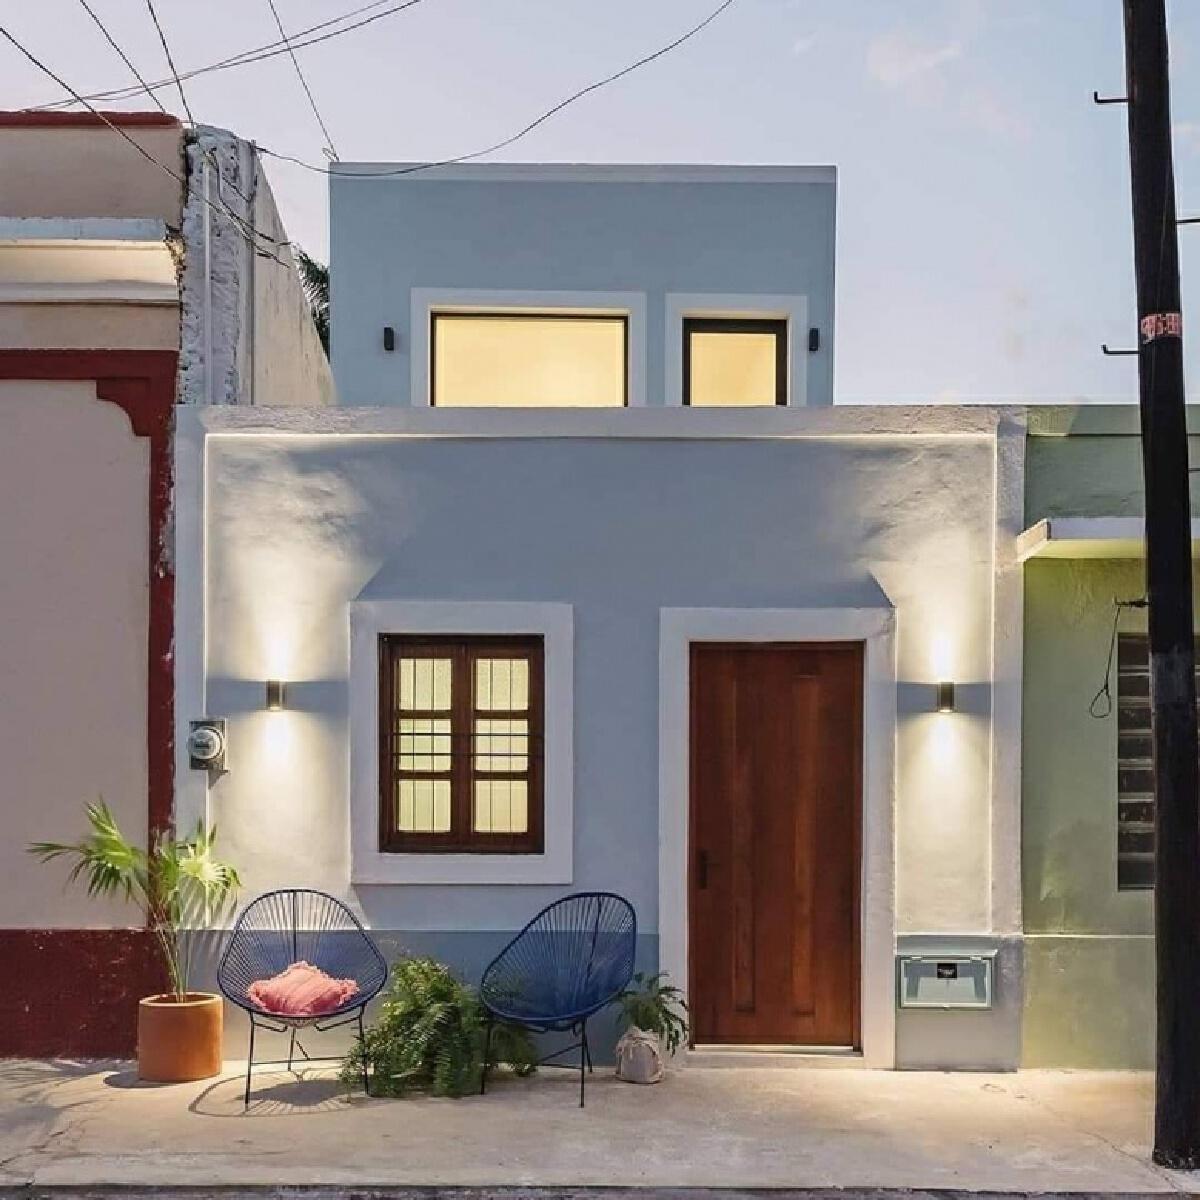 5 บ้านขนาดเล็ก สำหรับคนพื้นที่น้อย คนเมืองทำได้